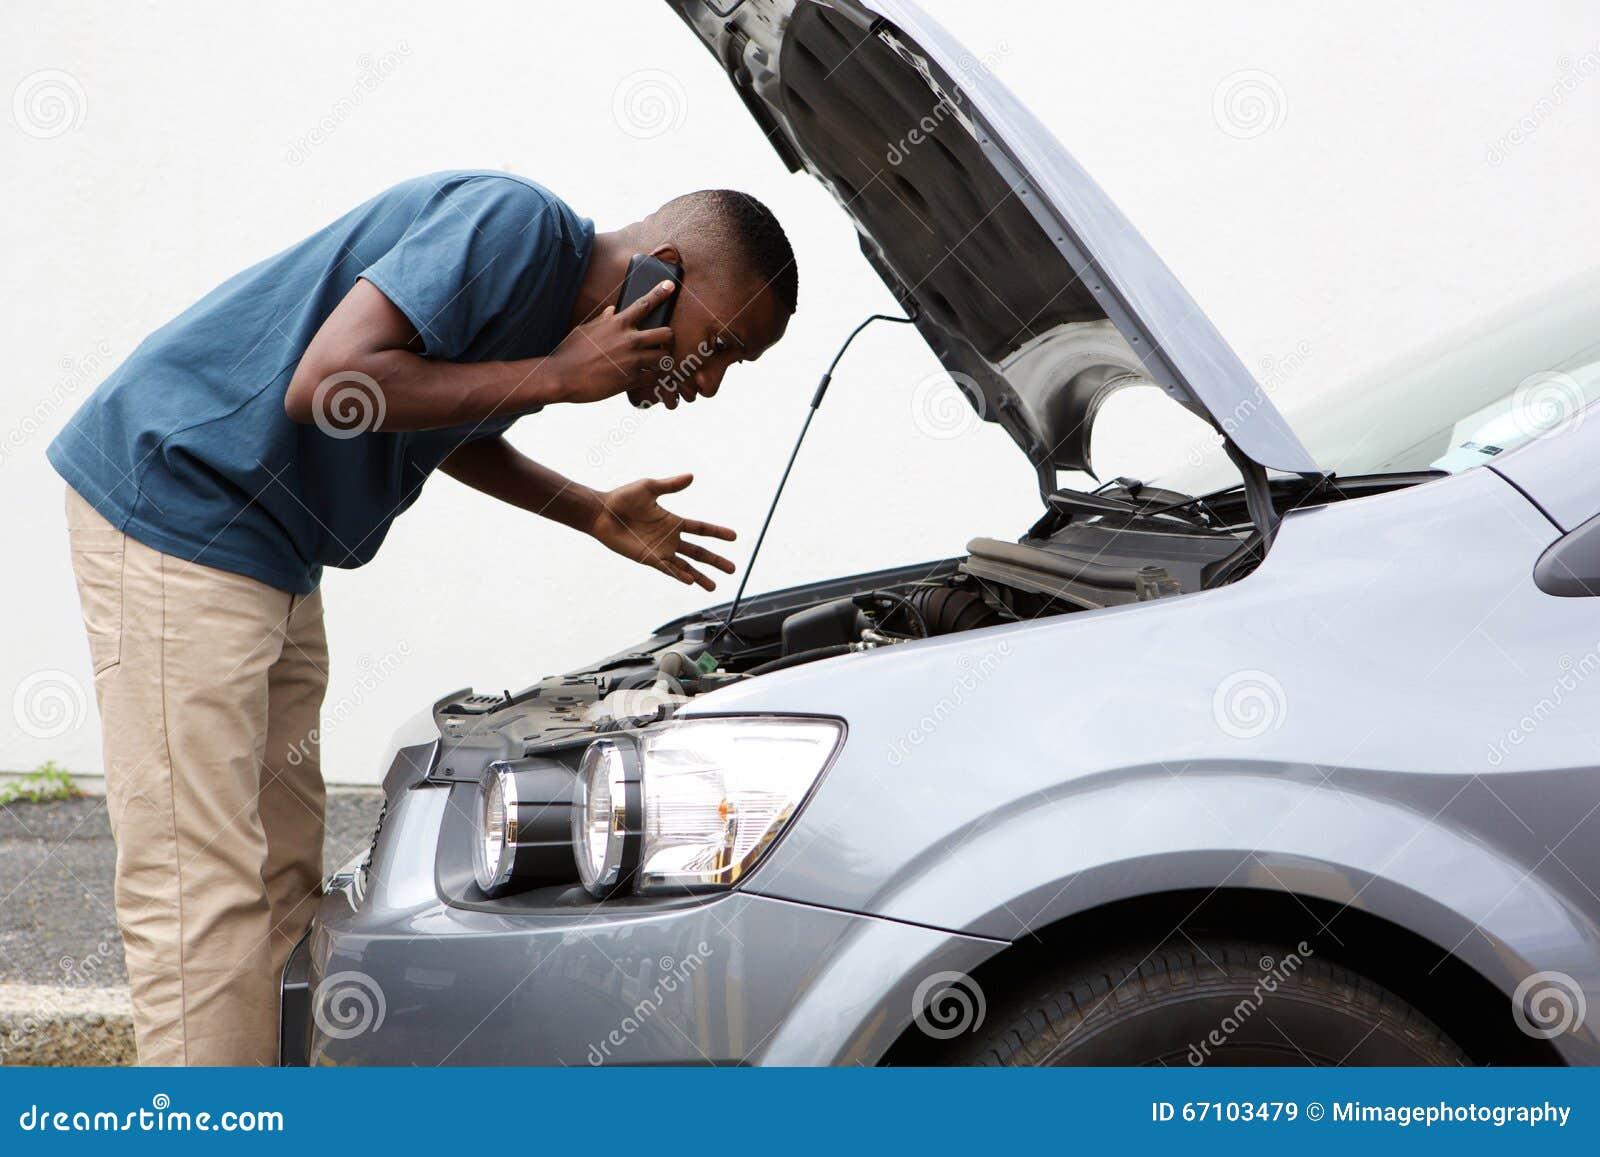 Młodych człowieków wezwania dla pomocy z poprzegradzanym samochodem